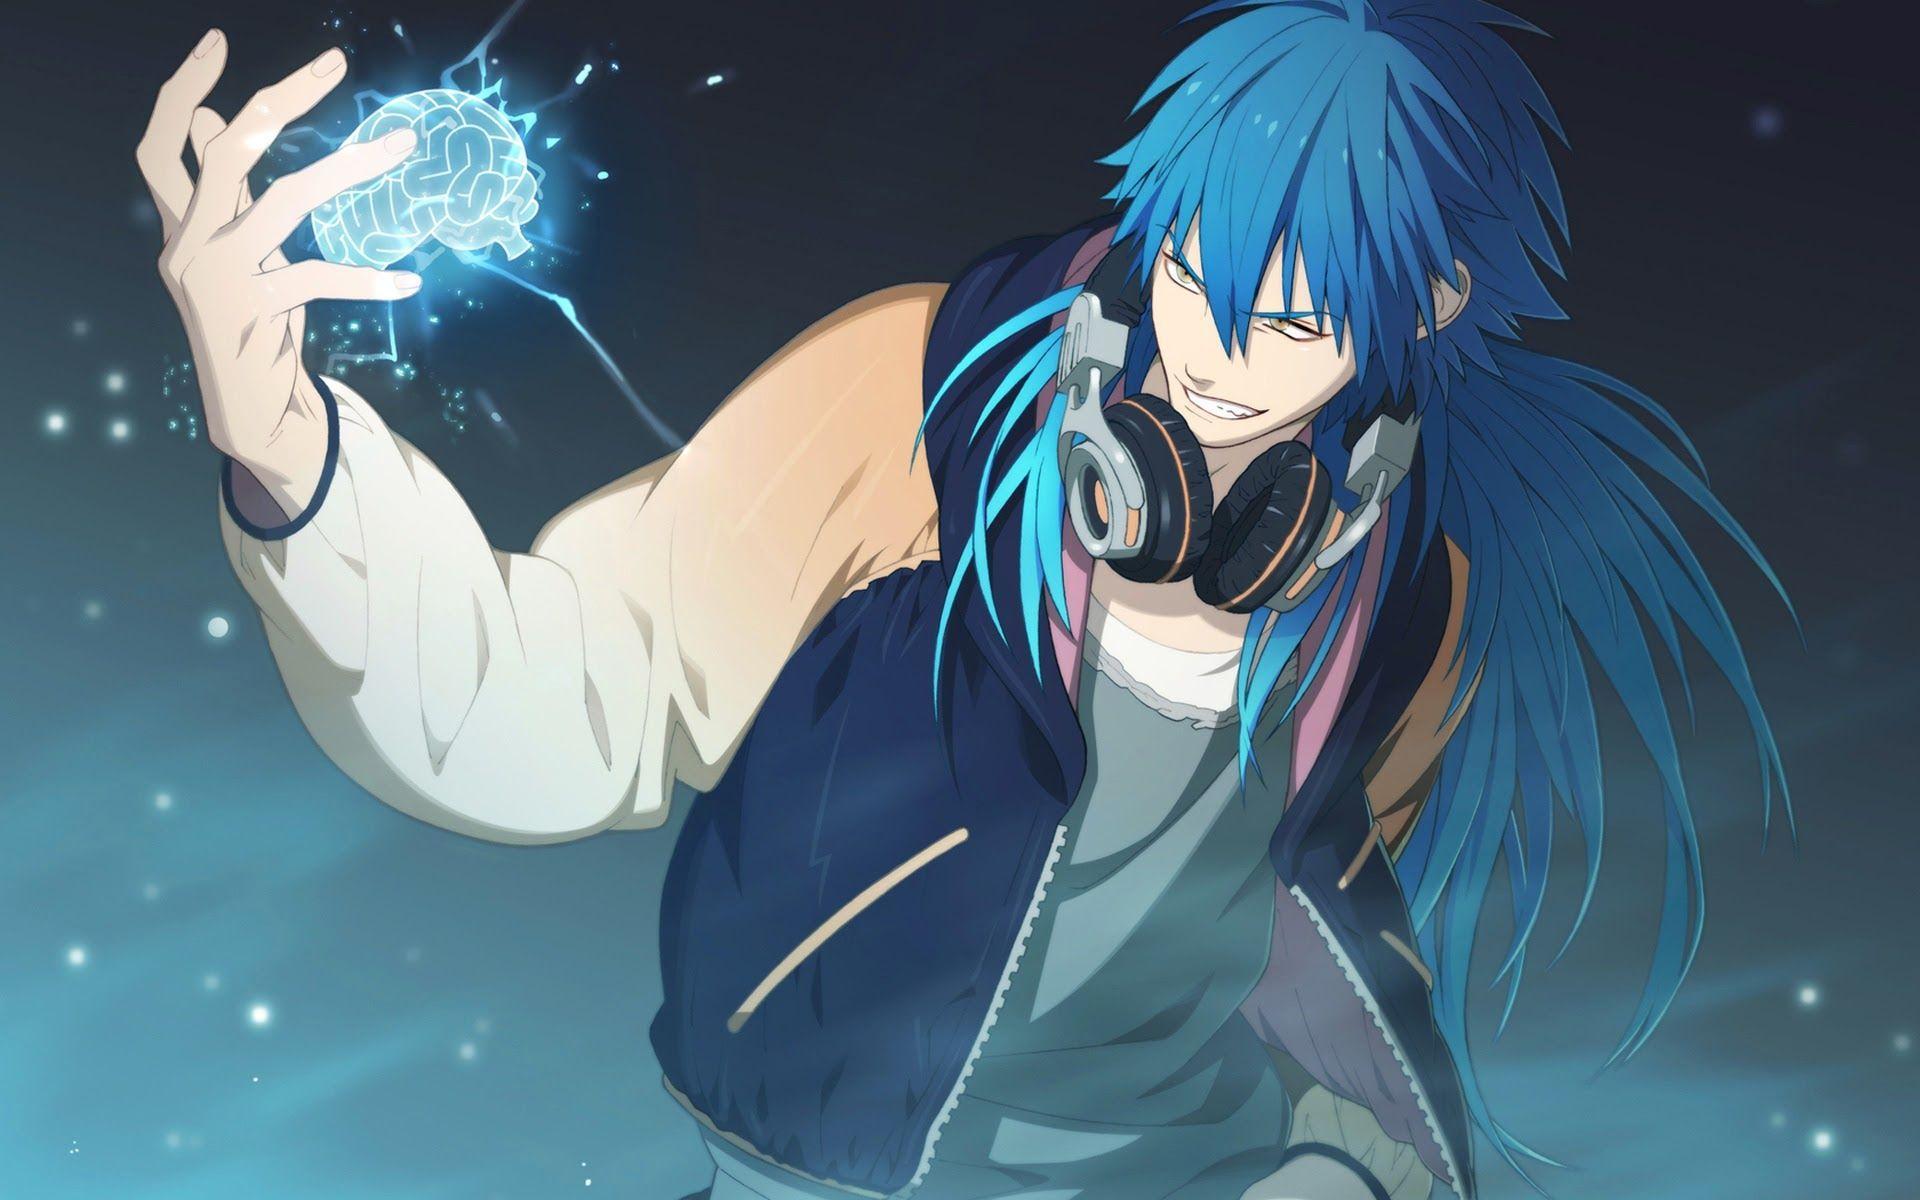 Ngắm nhìn hình ảnh anime mình thích mỗi ngày để giảm bớt căng thẳng và áp lực nhé.